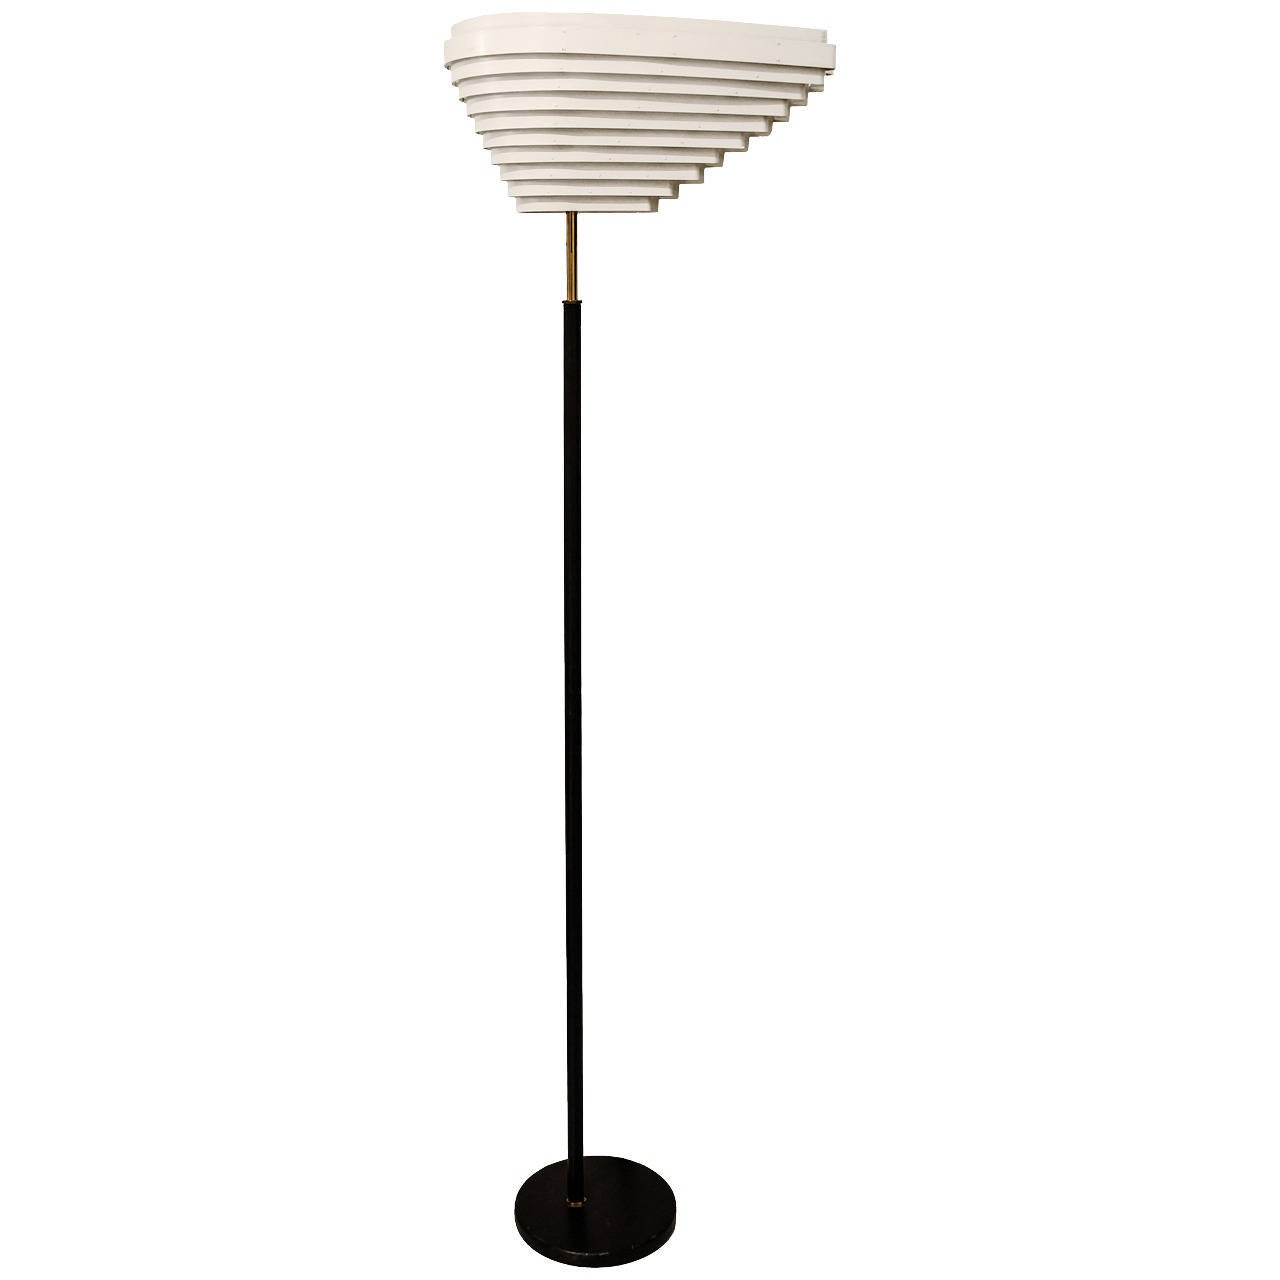 Early Alvar Aalto Floor Lamp, Model A805 for Valaistustyö Ky, 1954